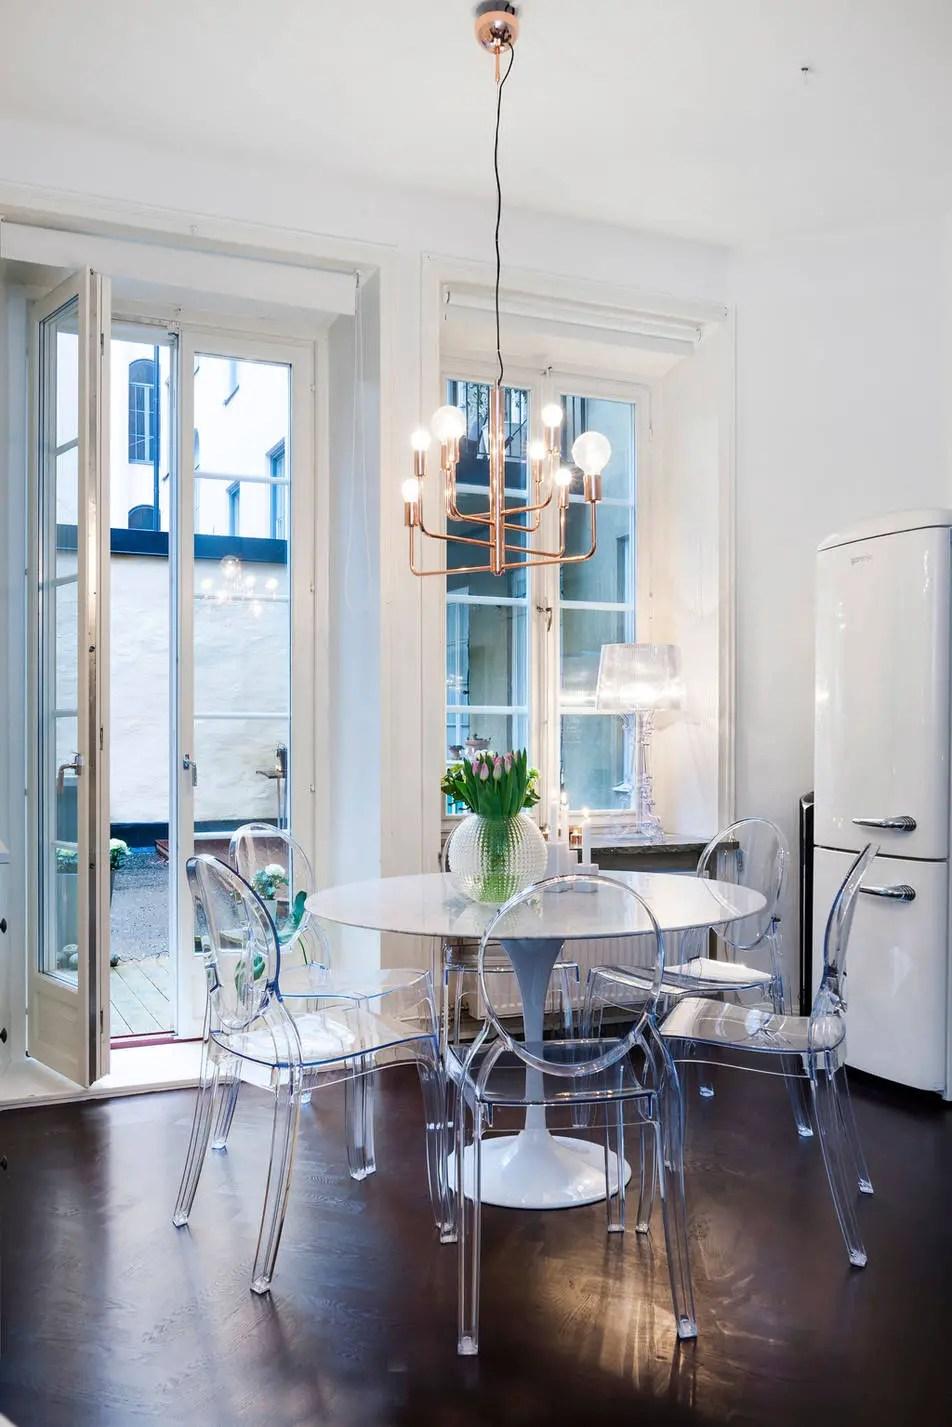 les petites surfaces du jour une terrasse en hiver planete deco a homes world. Black Bedroom Furniture Sets. Home Design Ideas